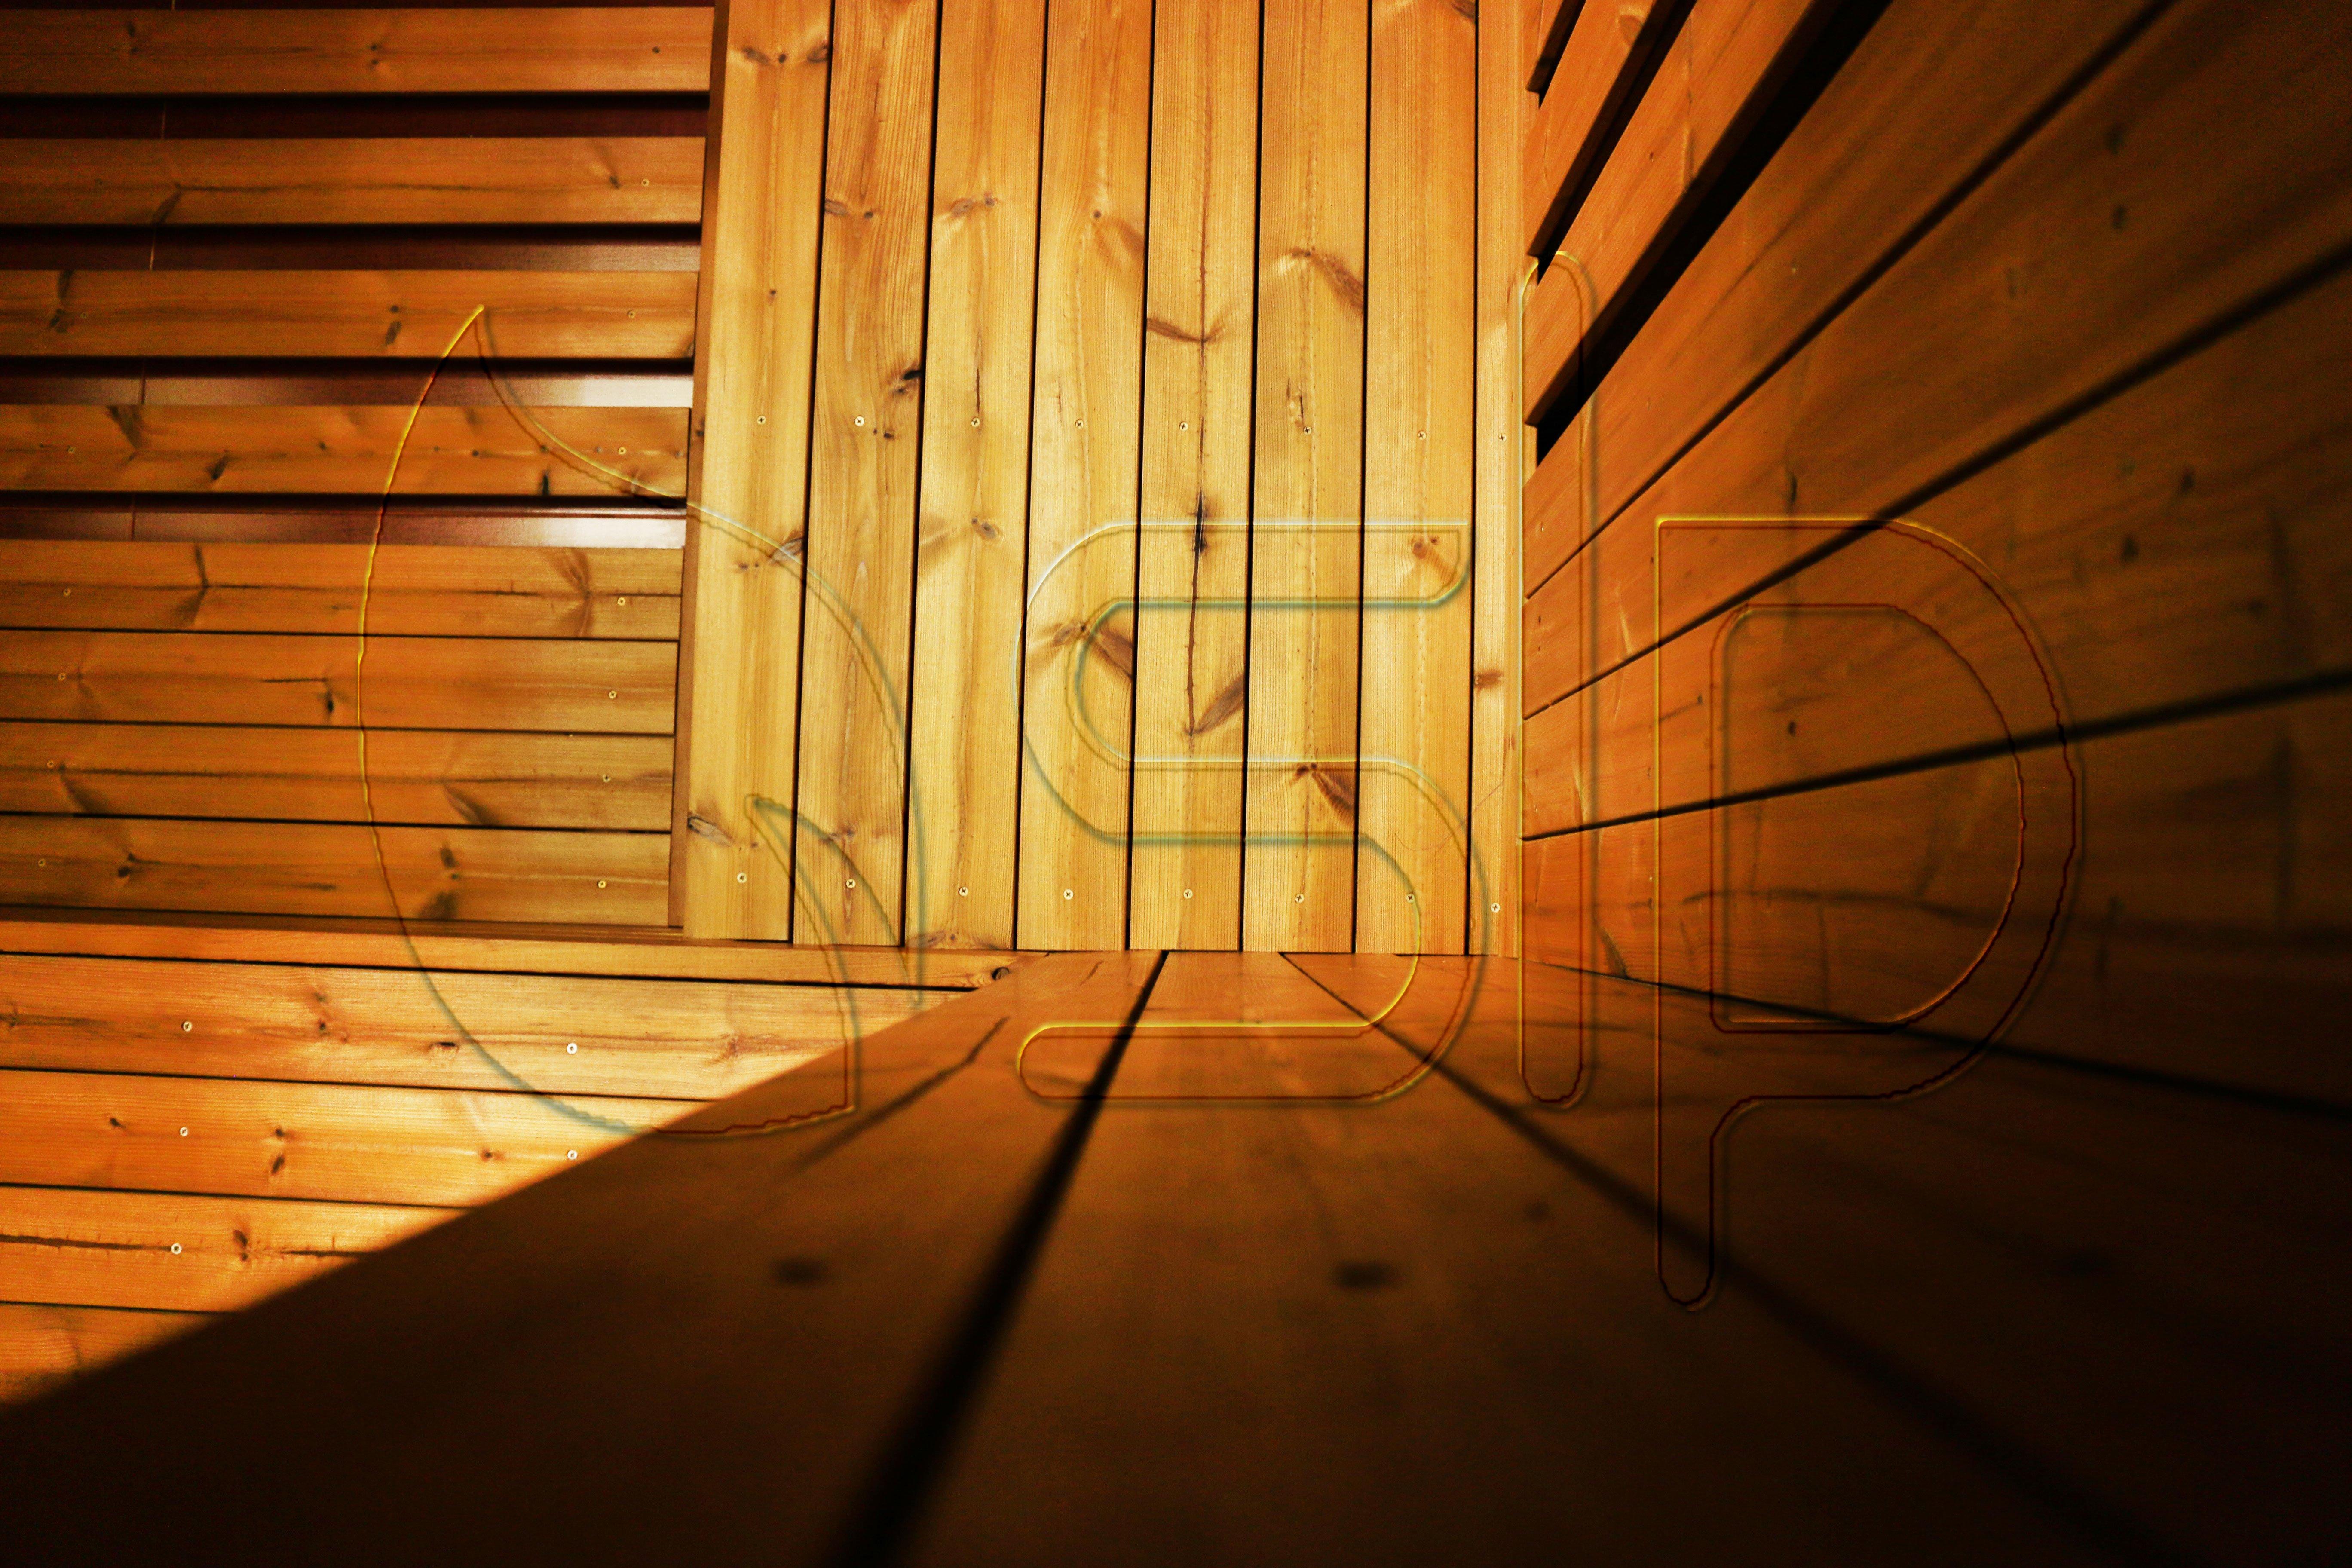 چوب نما، نمای چوبی، ترموود، ترمووود